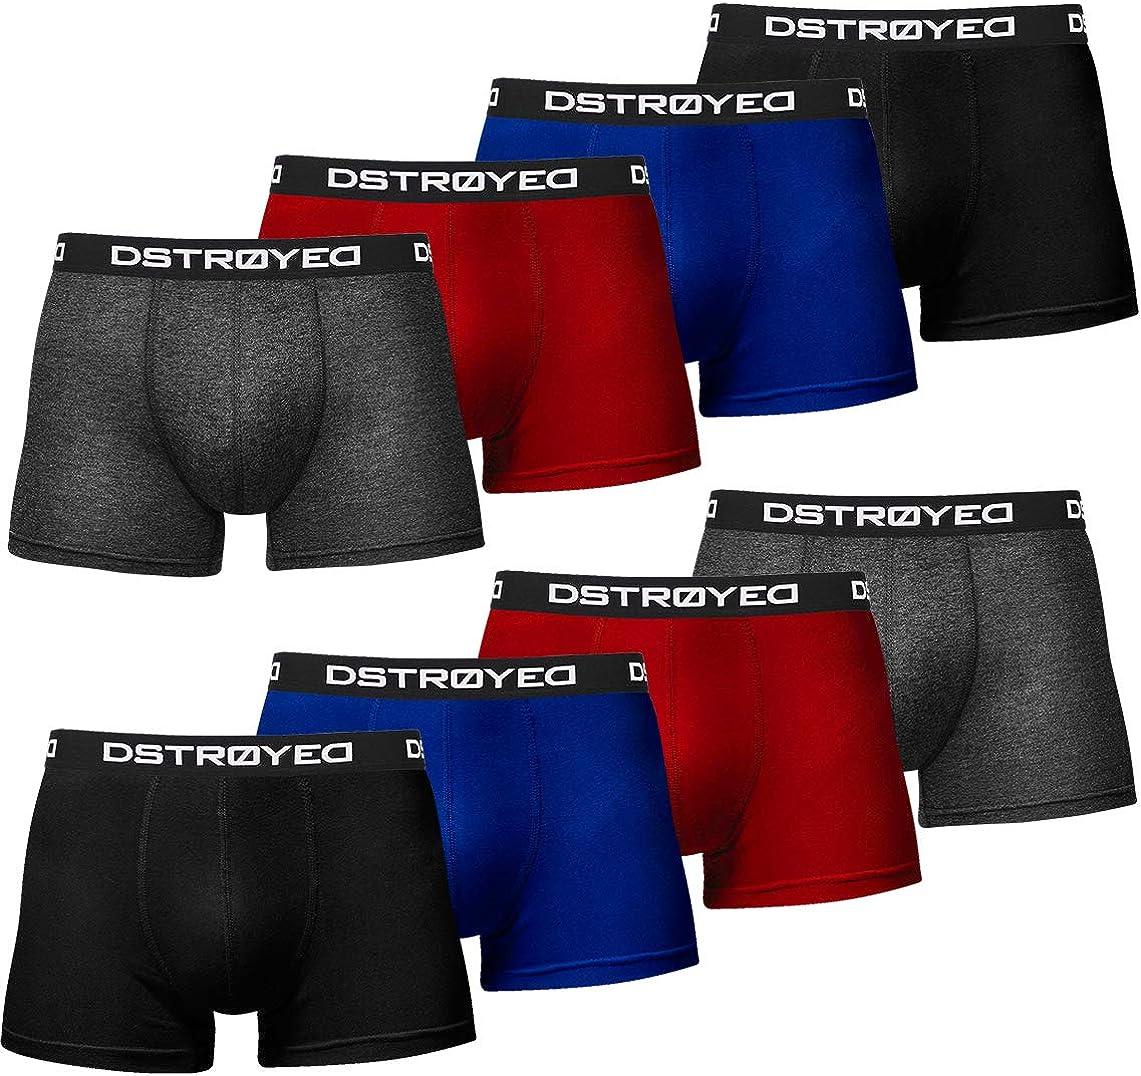 Boxer da uomo taglie S 5XL confezione da 8 pezzi DSTROYED /®